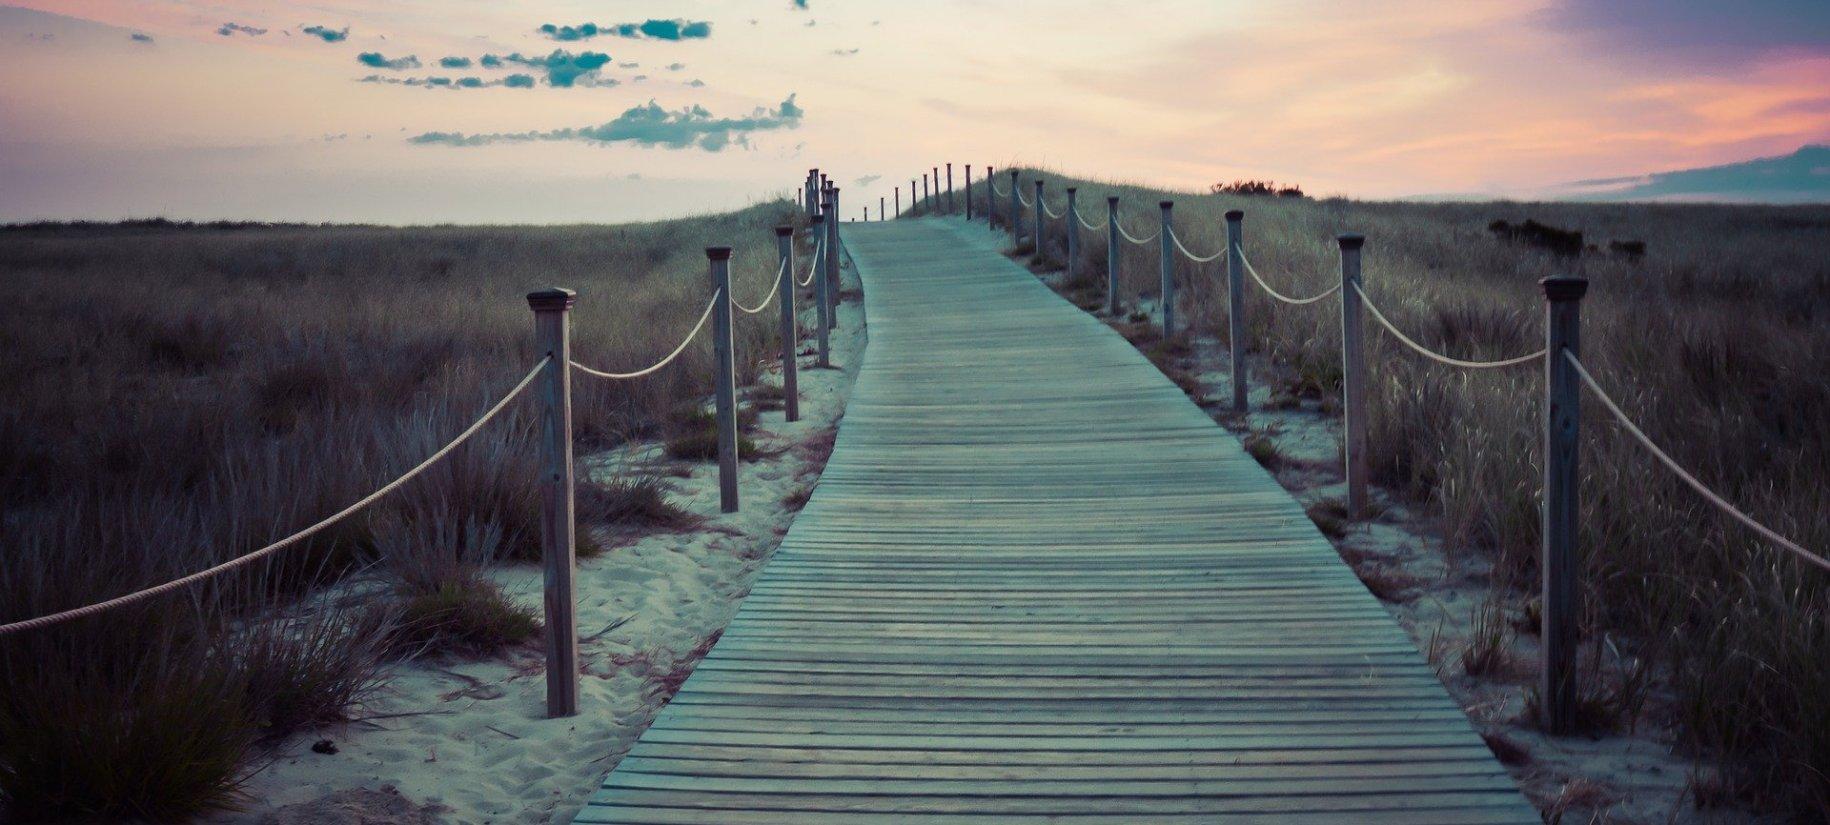 bridge path beach